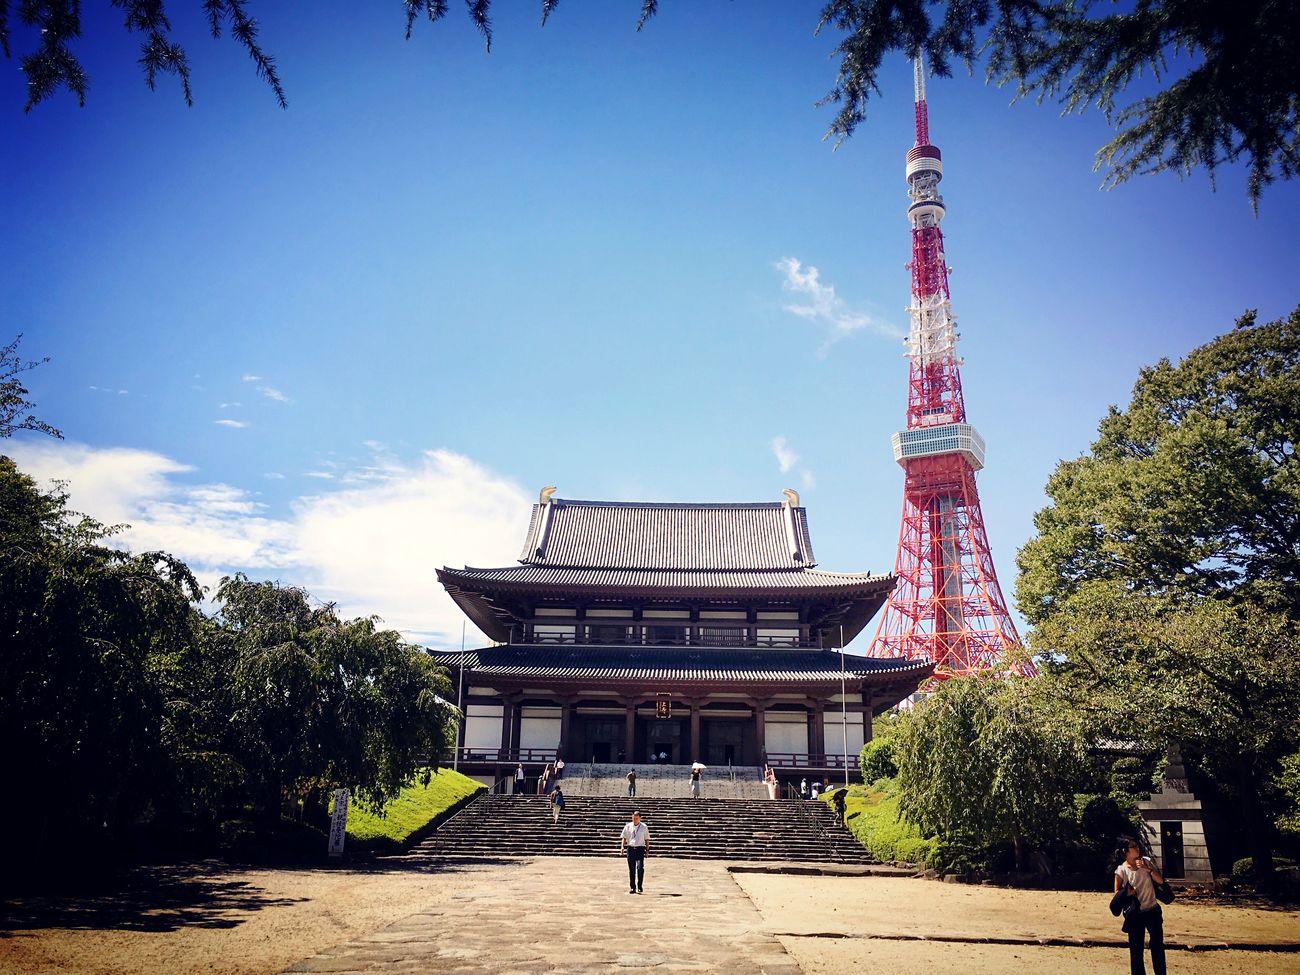 増上寺 東京タワー 芝公園 東京 Tokyo Tokyo Tower Tokyo,Japan Famous Place International Landmark Temple - Building Enjoying Life Hello World